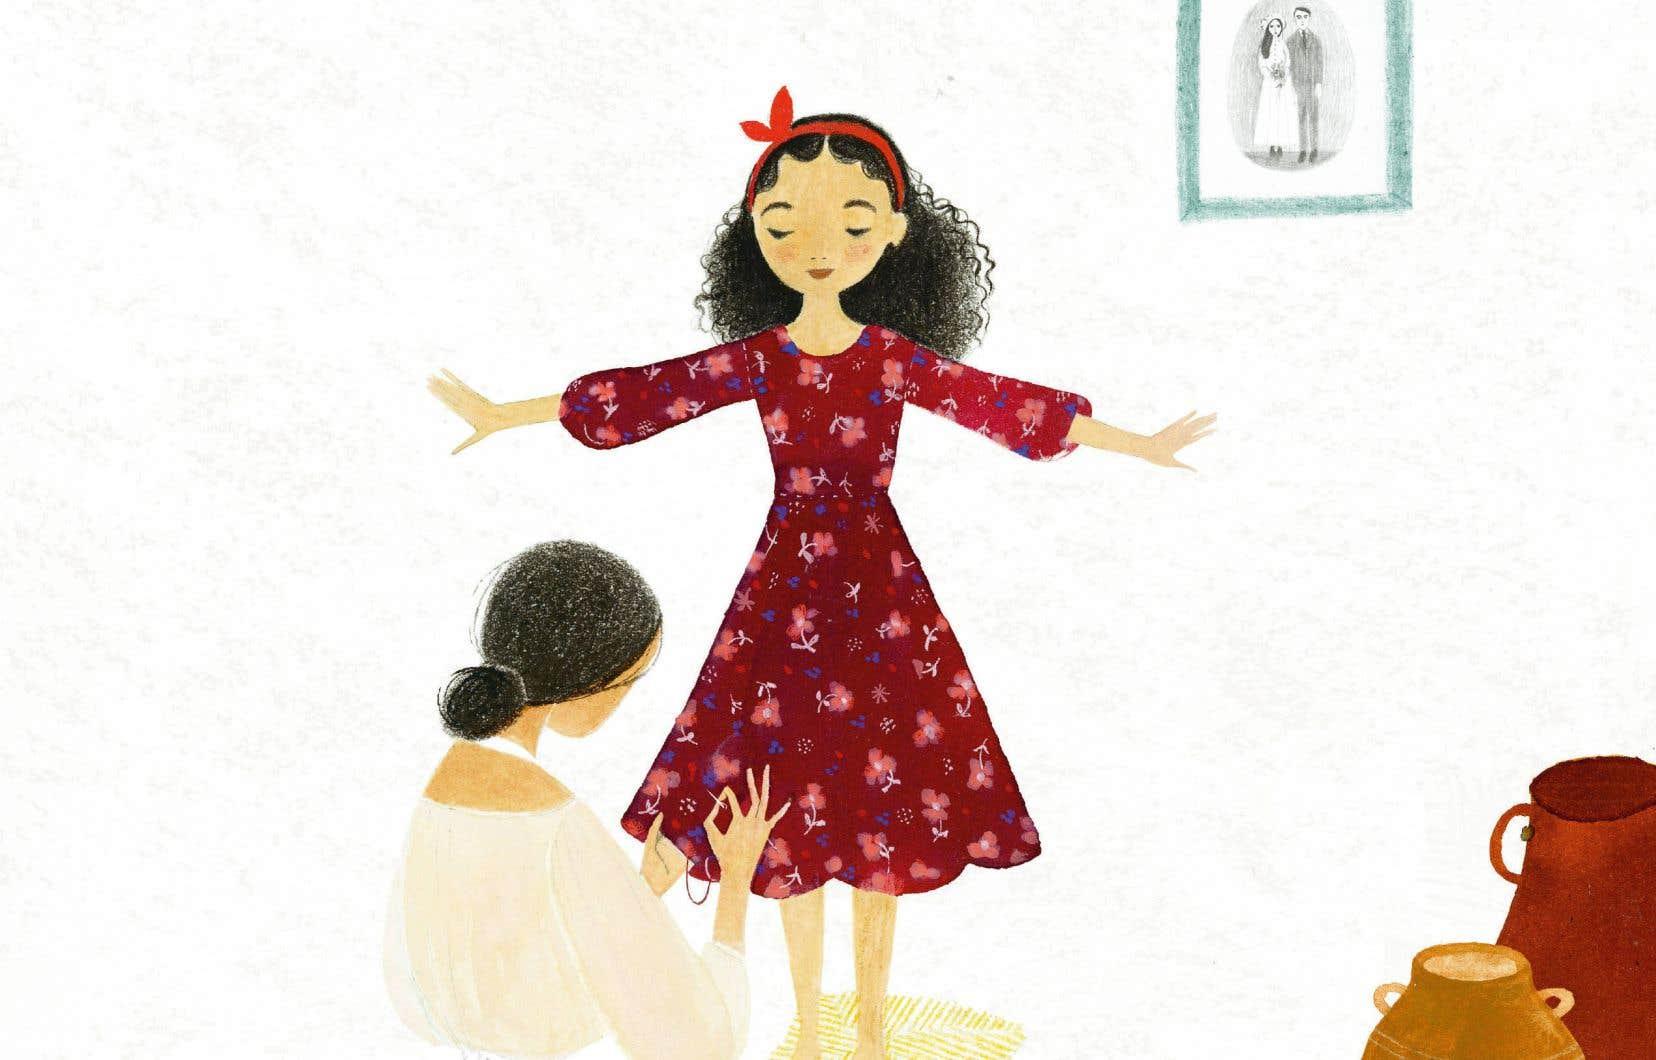 Inséparables, une fillette et sa petite robe fleurie passent le plus clair de leur temps ensemble jusqu'au jour où la jeune fille quitte son pays natal.